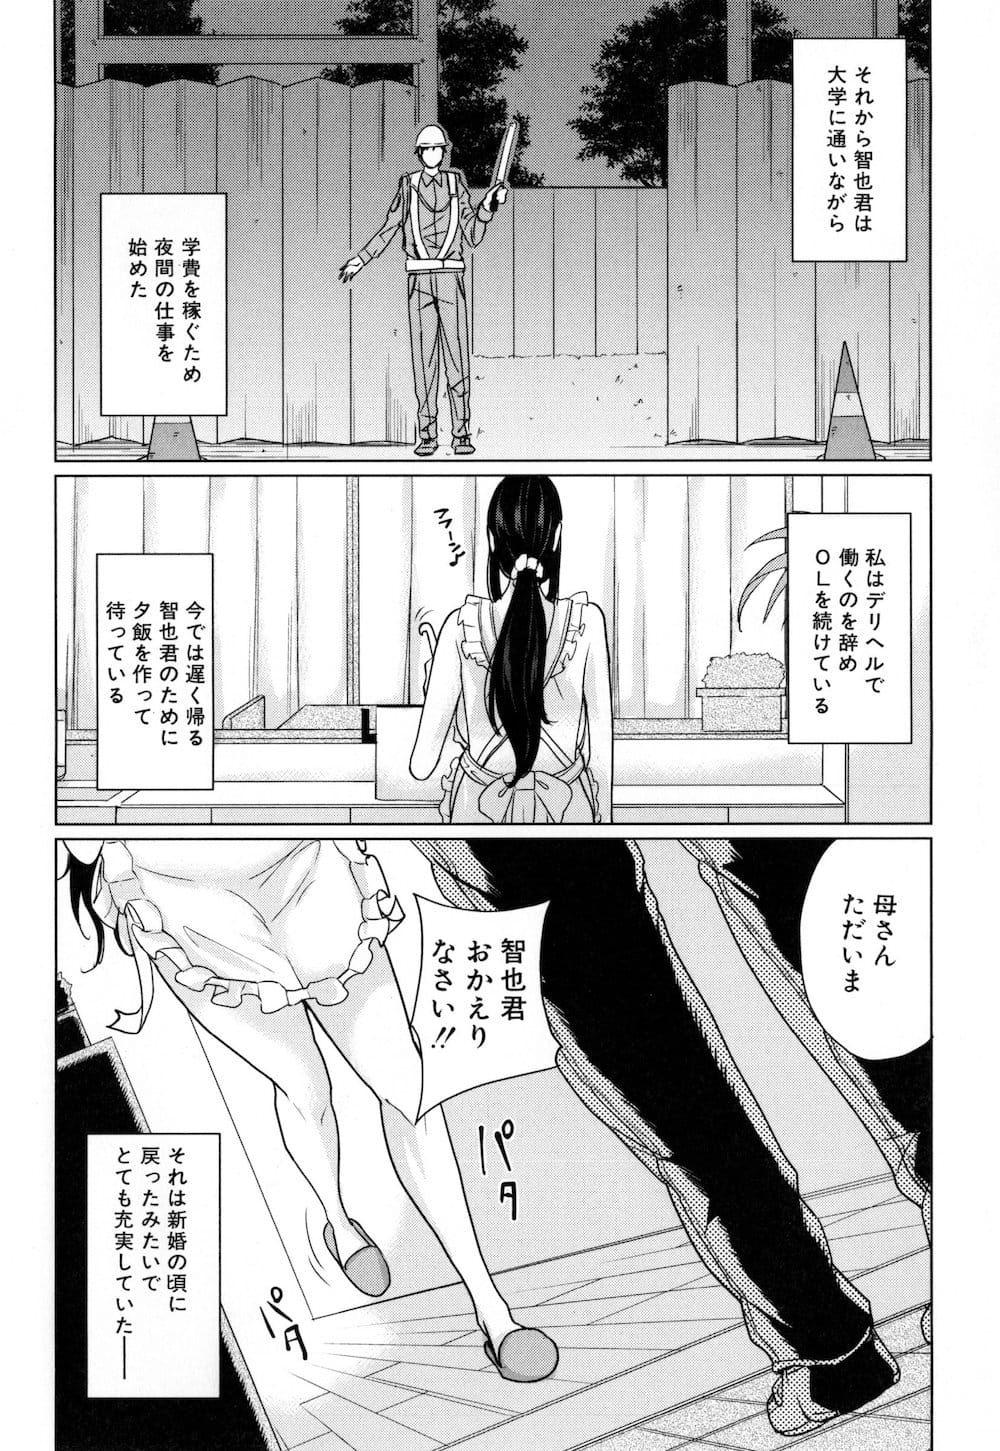 【エロ漫画・同人誌】シングルマザーのOLが副業でやっていたデリヘルで気づかぬうちに息子とセックスして本気で好きになっちゃったwww 028